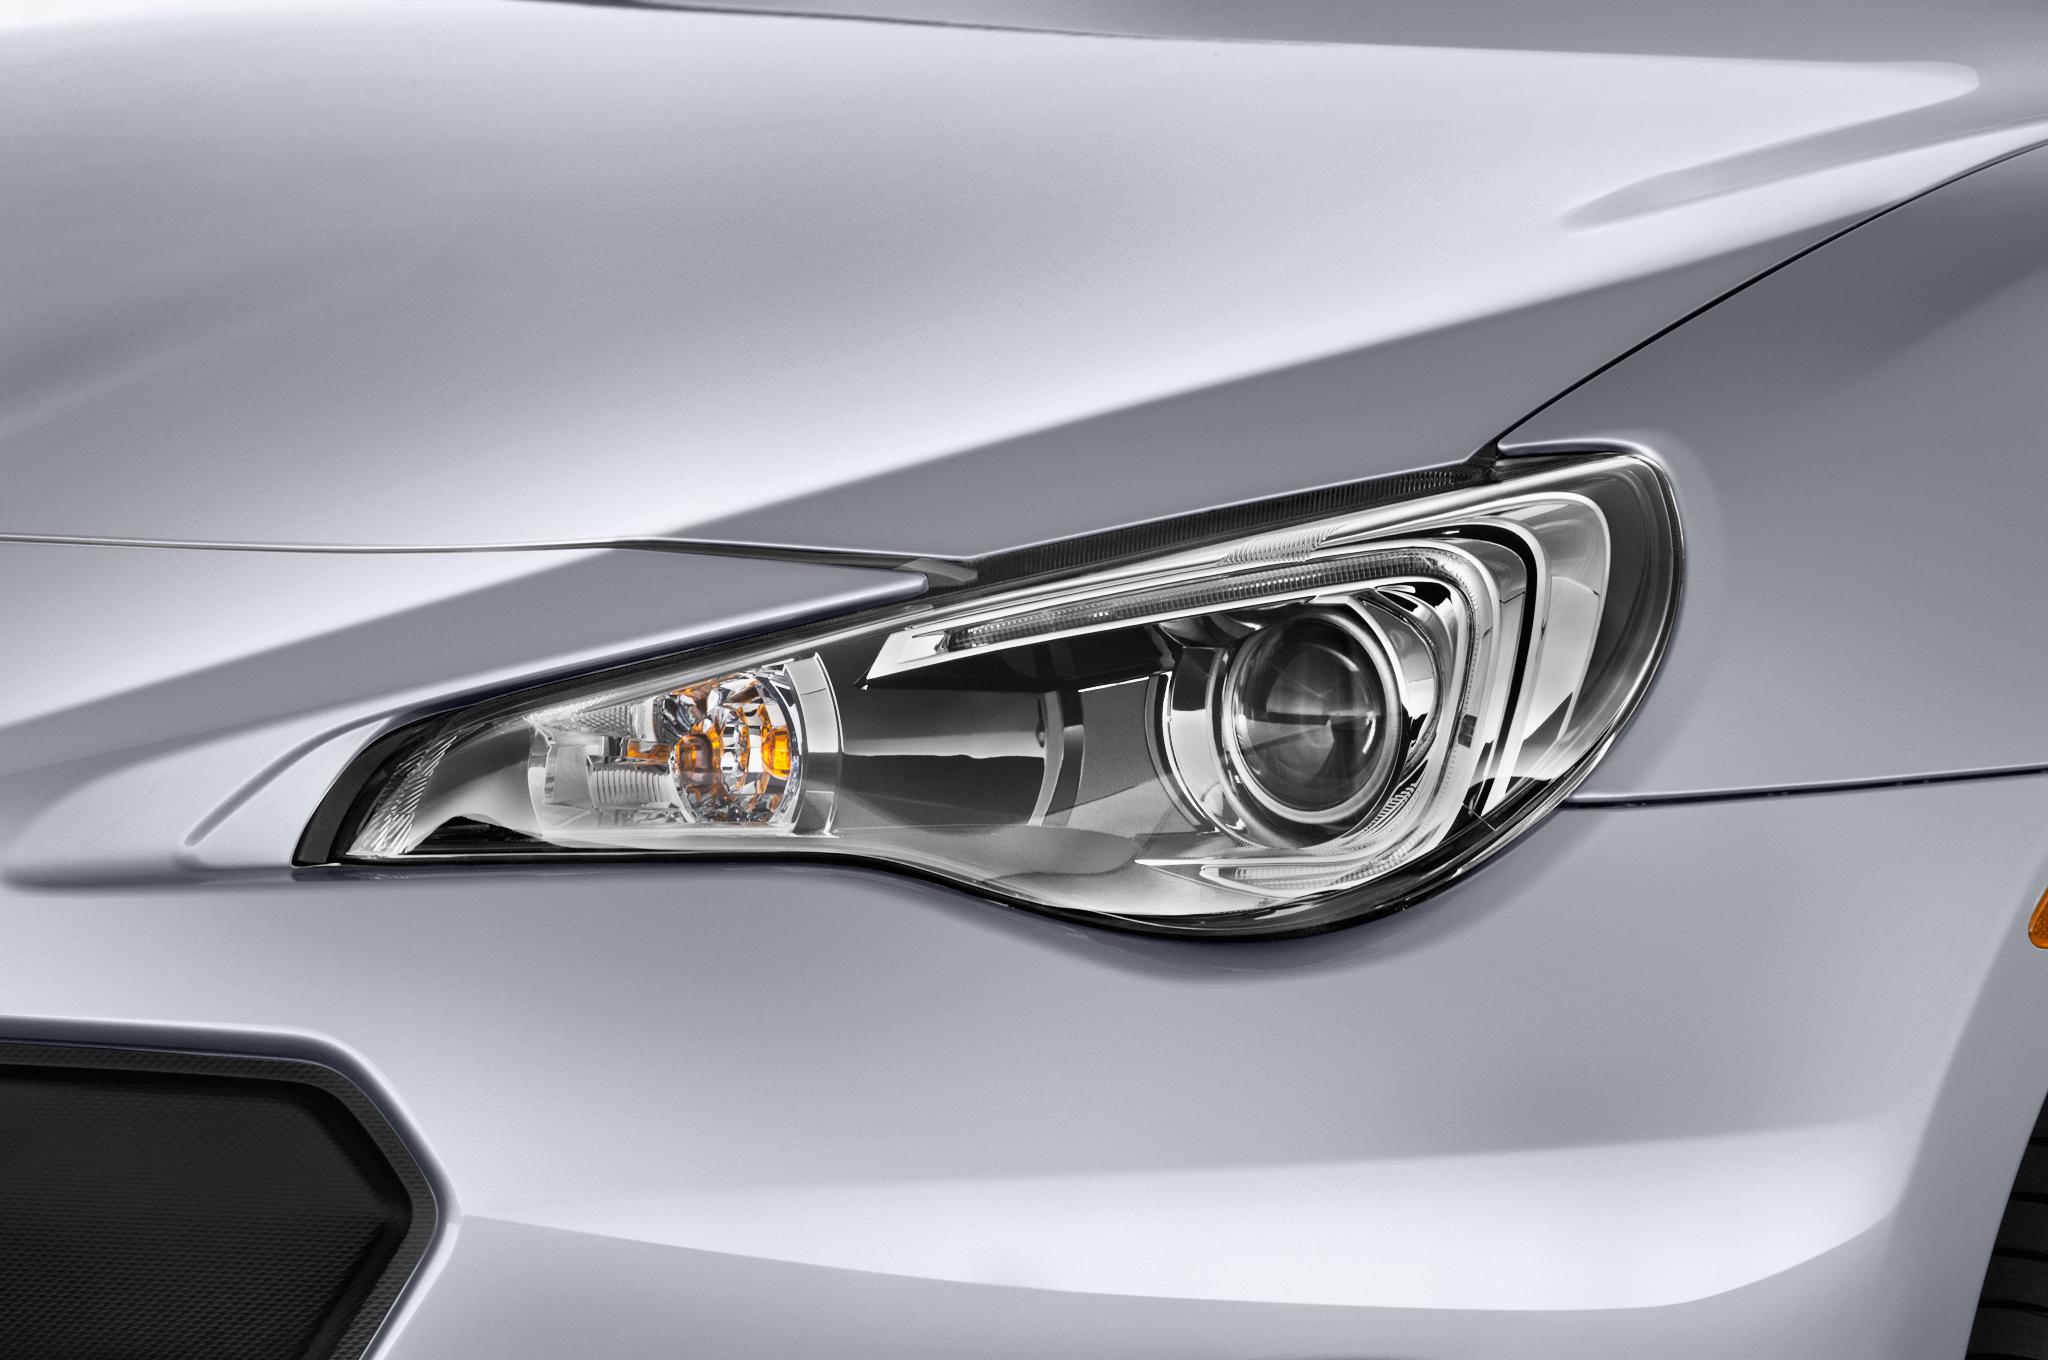 Subaru Brz 0 60 >> 2016 Subaru WRX, WRX STI Receive New Infotainment, Safety Systems